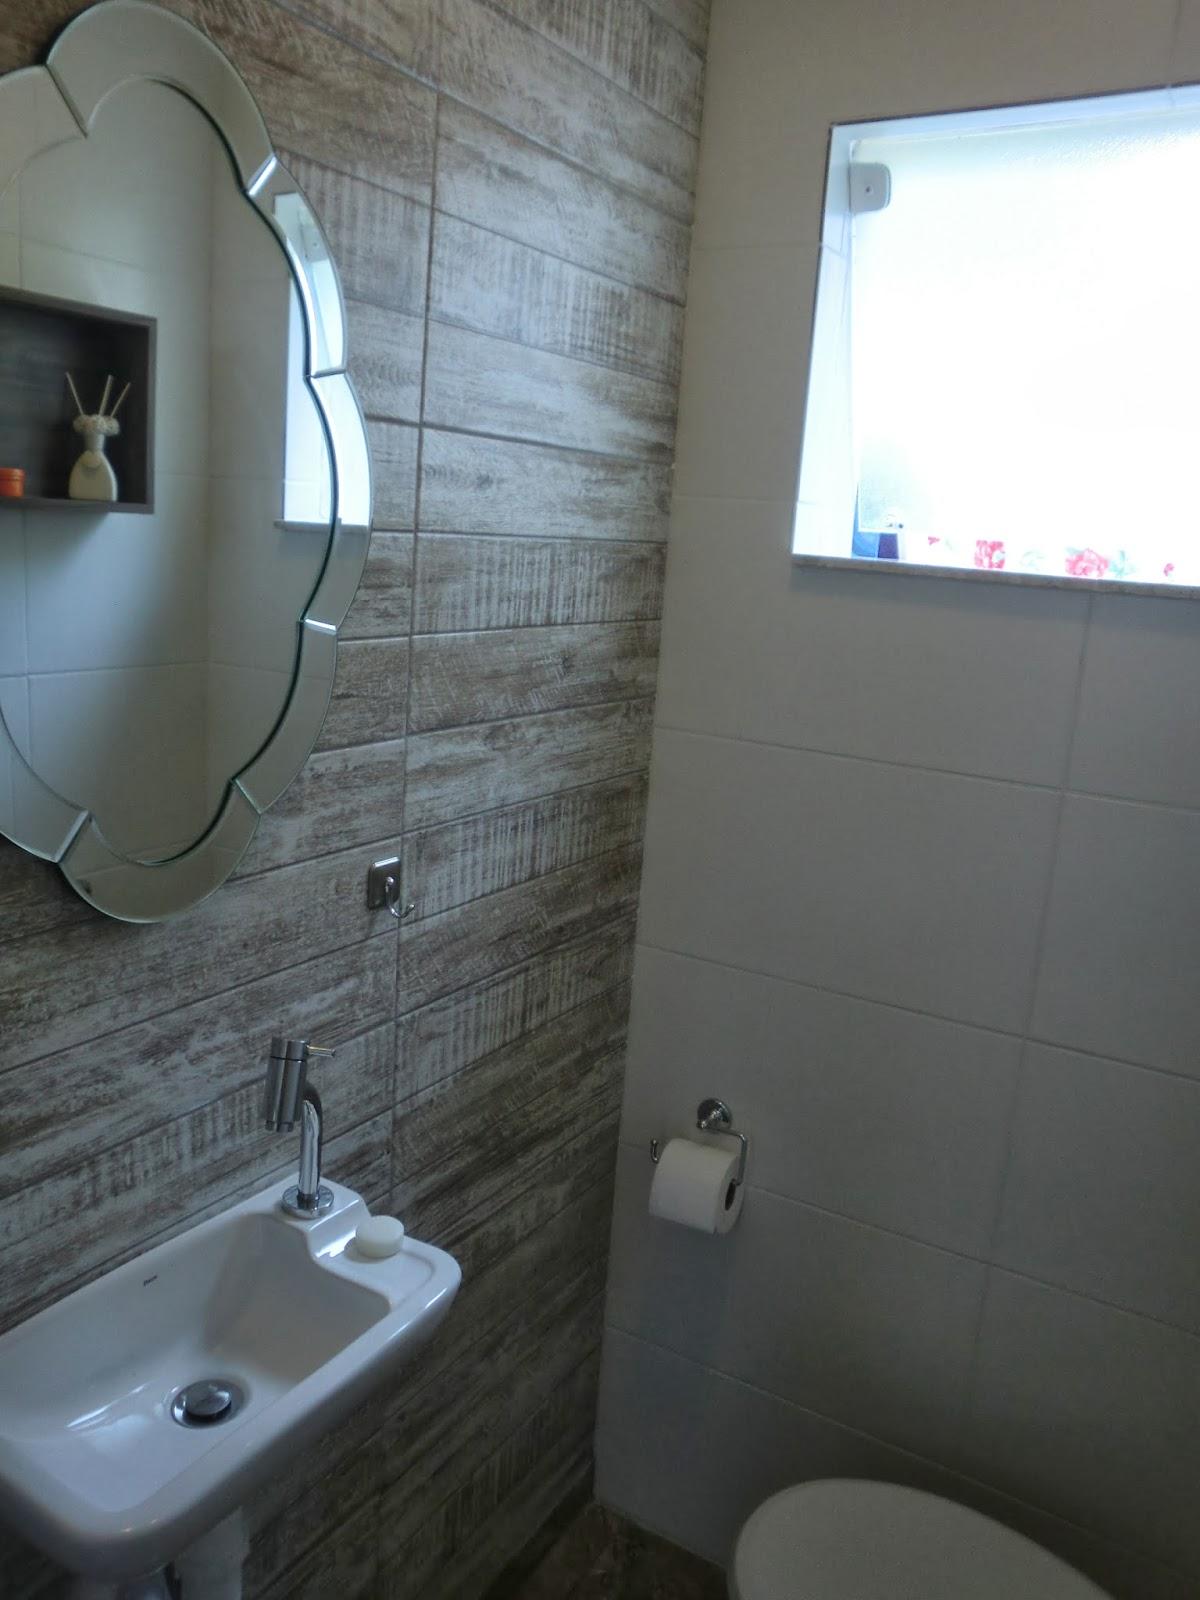 Mini Lavabo Depois da Reforma Antes e Depois Reforma de Banheiro  #267FA5 1200 1600